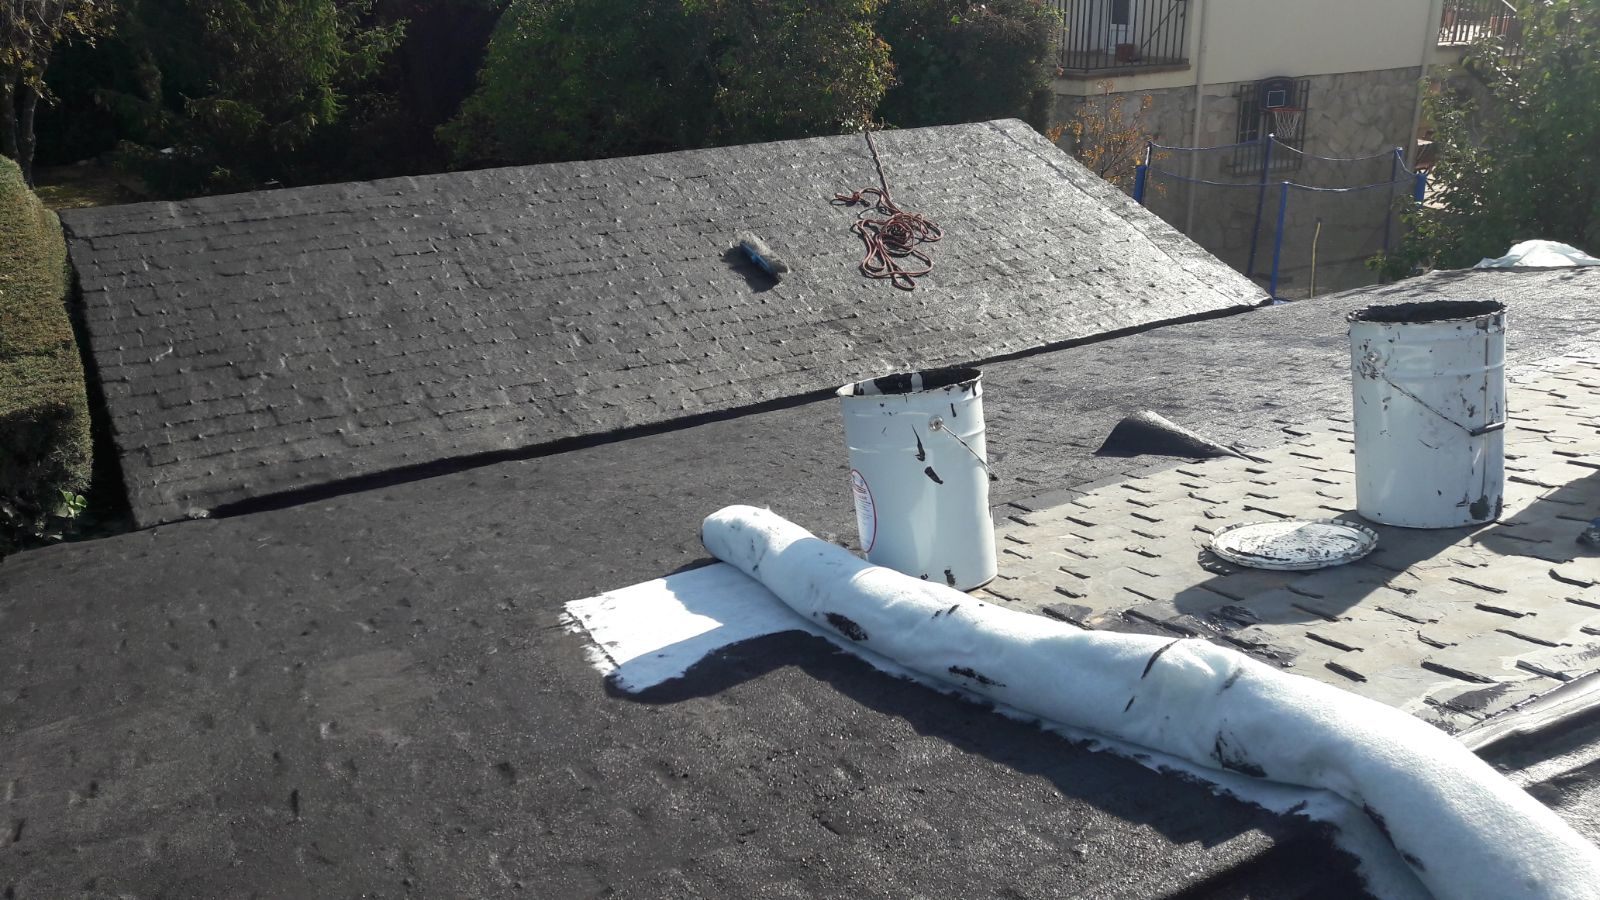 Reparacion de tejados impermeabilizacion antonio reparacion de tejados y cubiertas - Impermeabilizacion de tejados ...